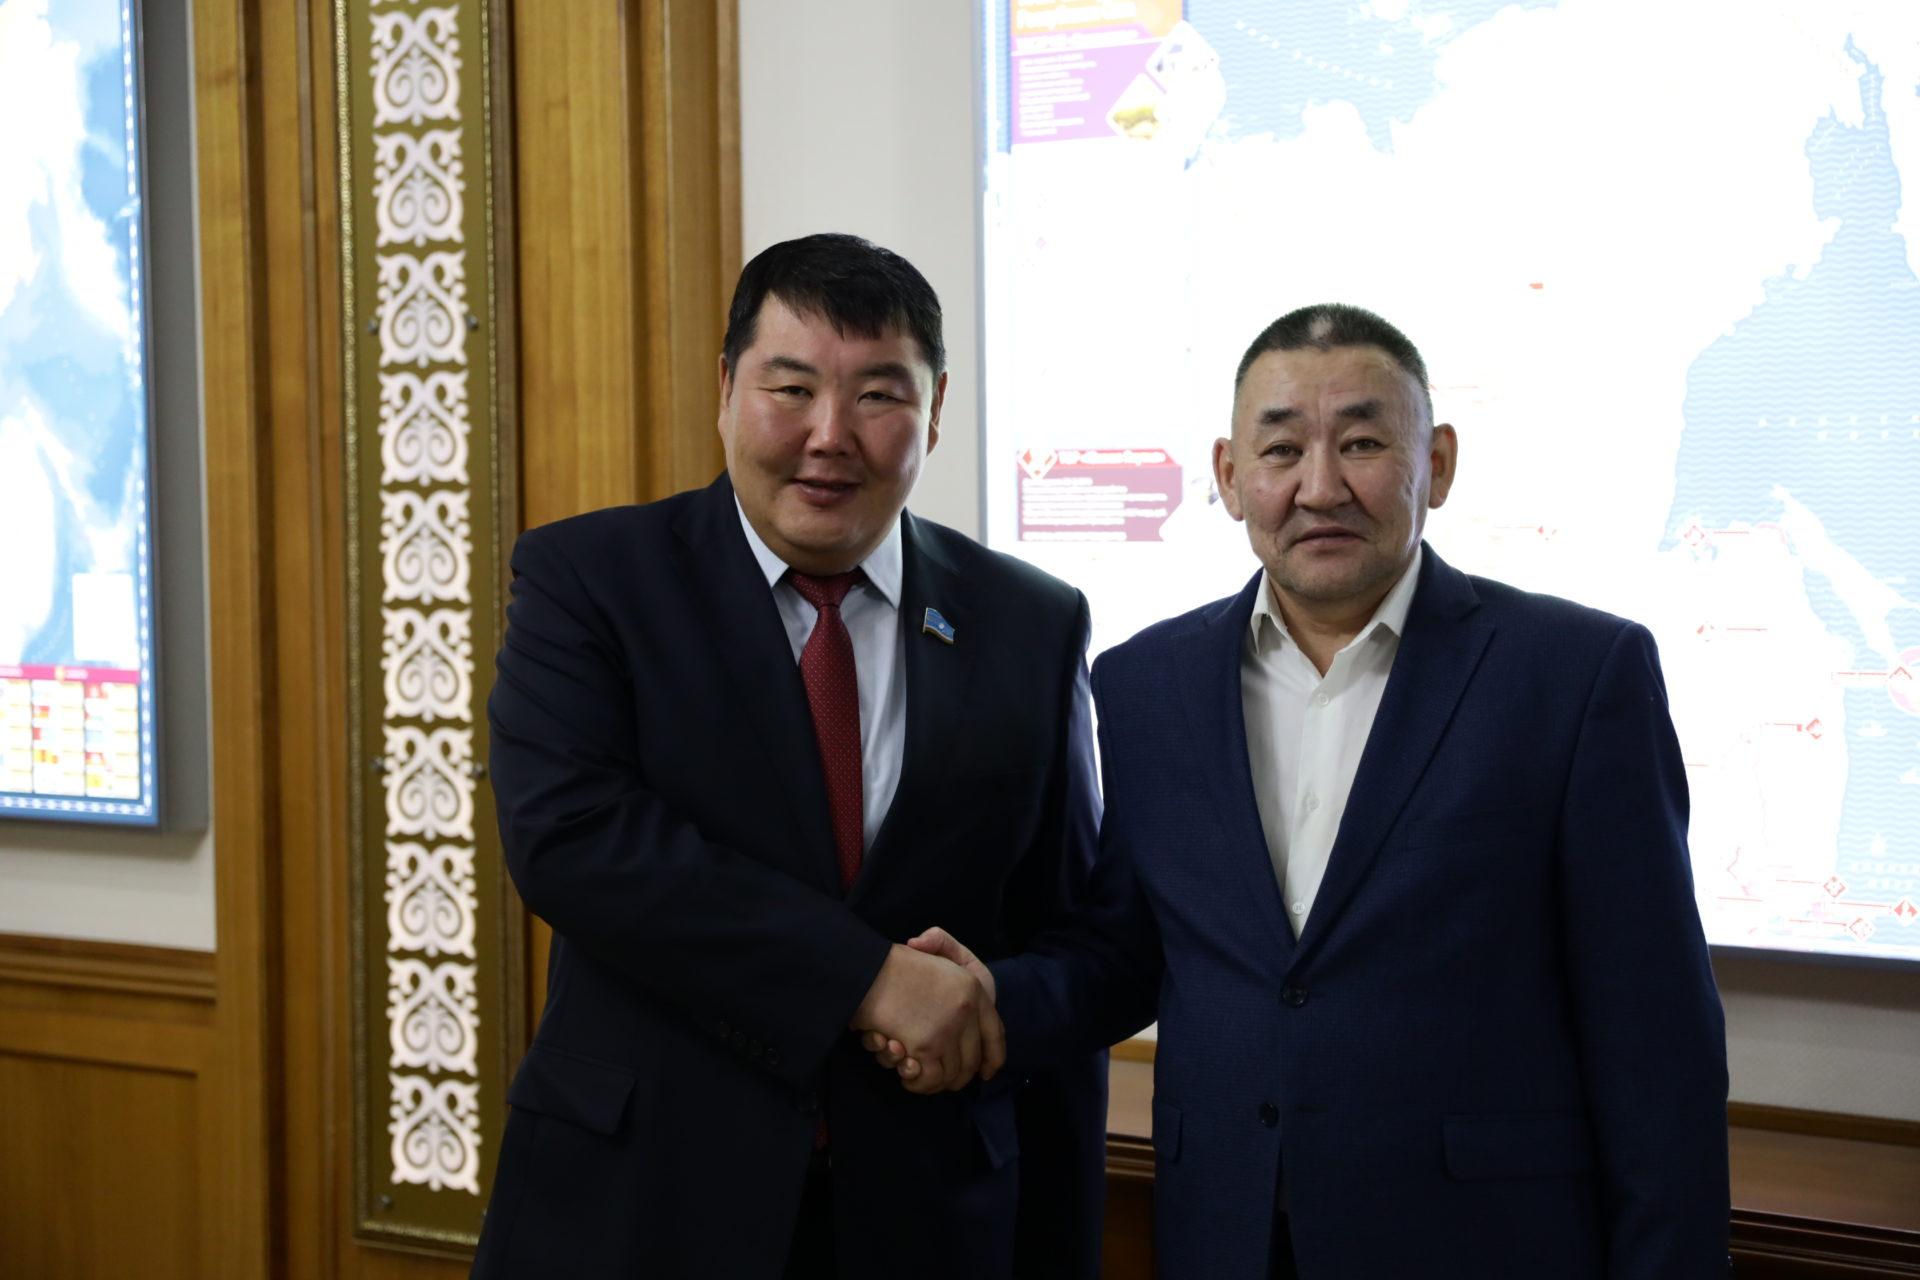 Председатель Ил Тумэна Алексей Еремеев встретился с депутатом Государственной Думы Петром Аммосовым